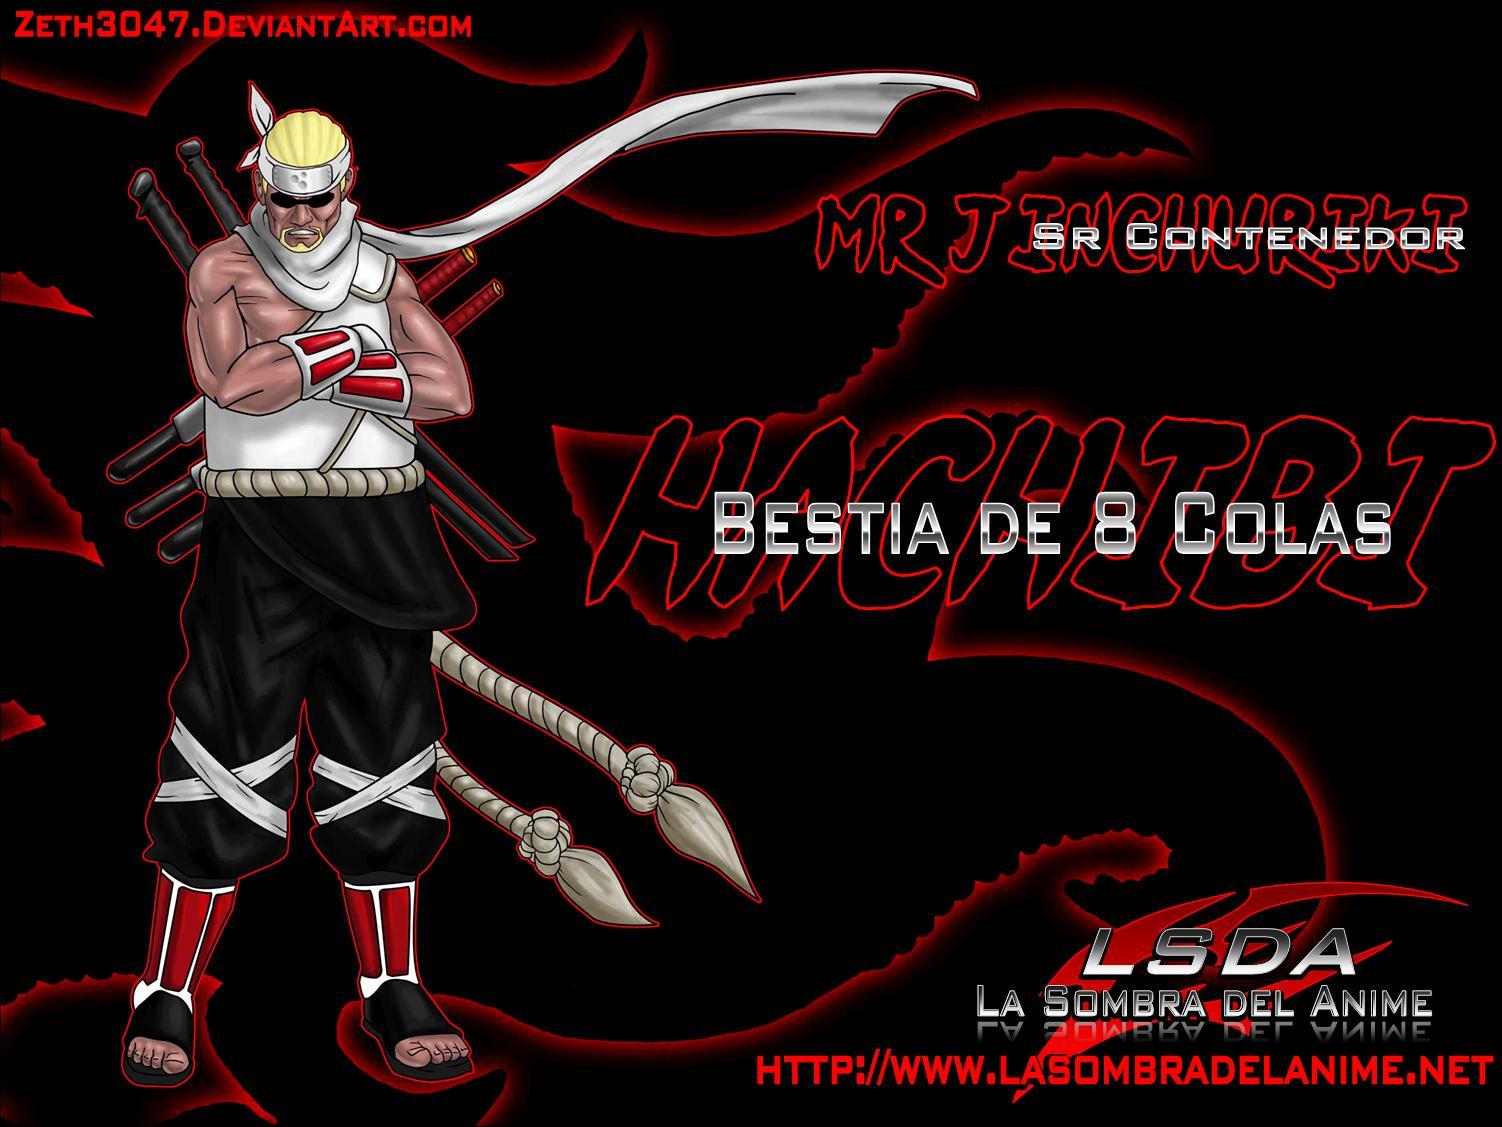 http://3.bp.blogspot.com/_kF3J2soAXgo/TTLnqge3CwI/AAAAAAAABho/Bkm_0q5r_cQ/s1600/Naruto__Hachibi_8_Tails_Beast_by_zeth3047.jpg